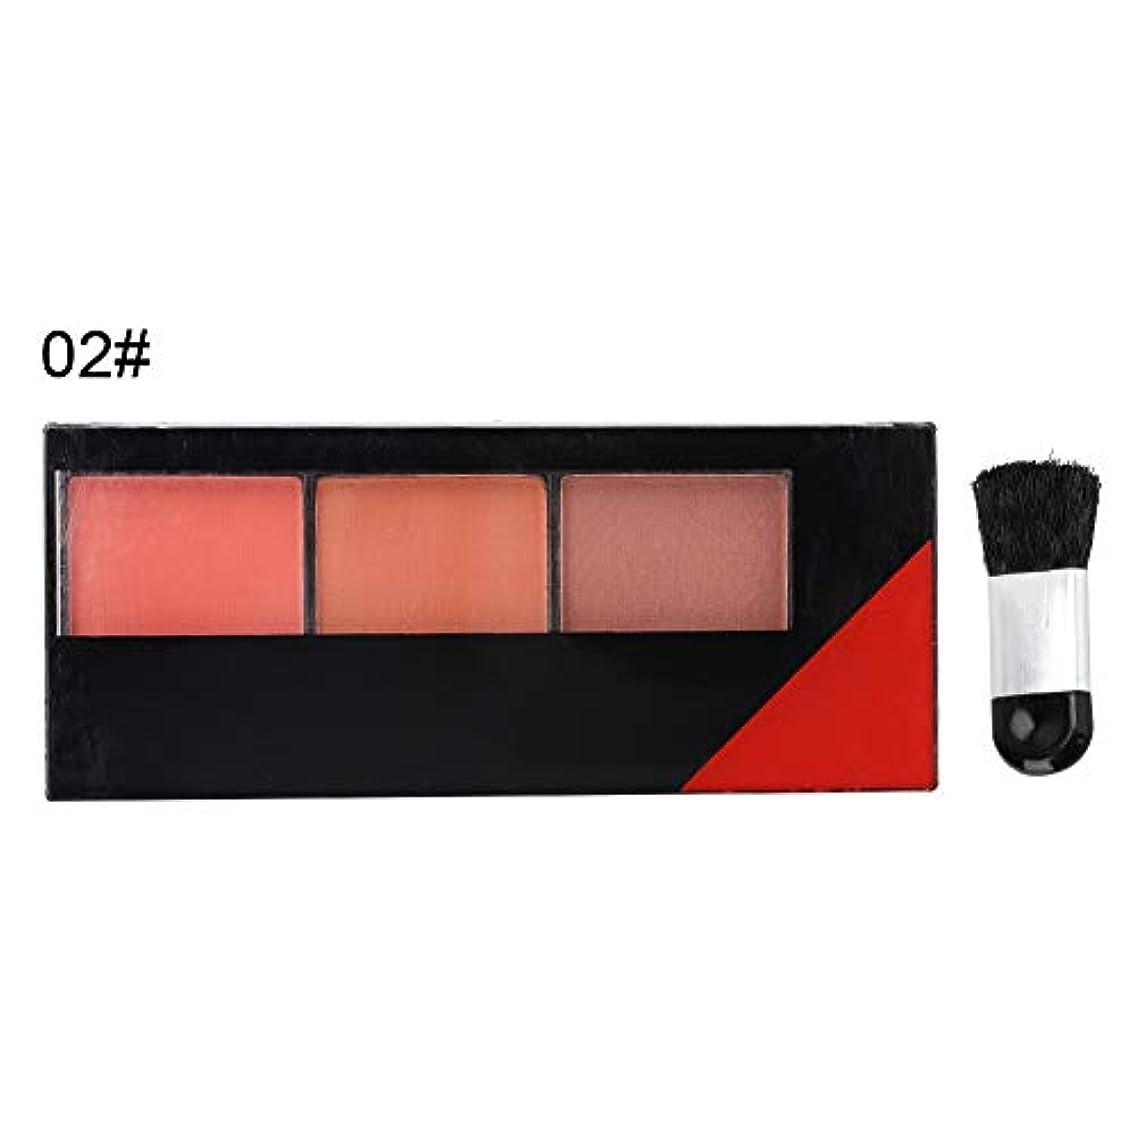 フォーカス錆び引き付ける3色フェイスメイクアップブラッシャー ハイドレイティングプリティフェアリープレスパウダー化粧品(02)